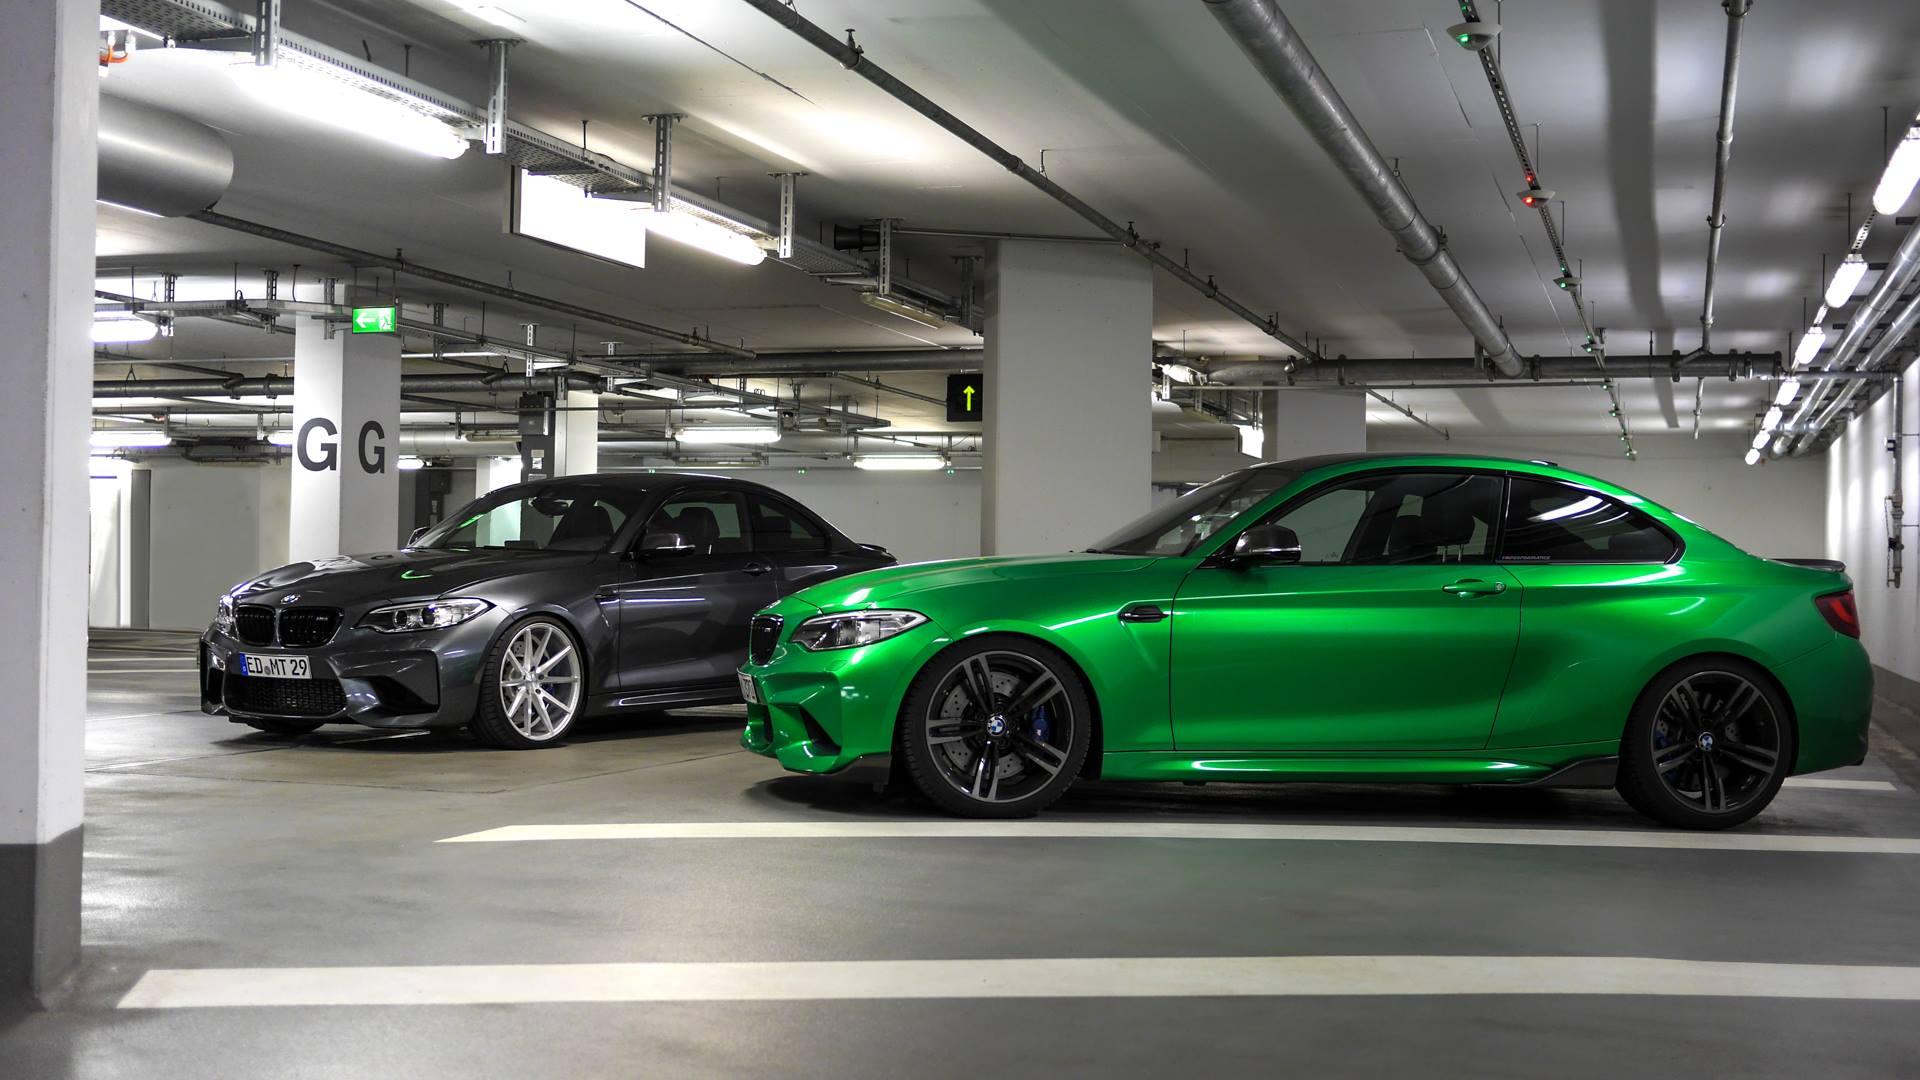 BMW M2 Im Doppelpack: Java Grün Trifft Mineralgrau Metallic